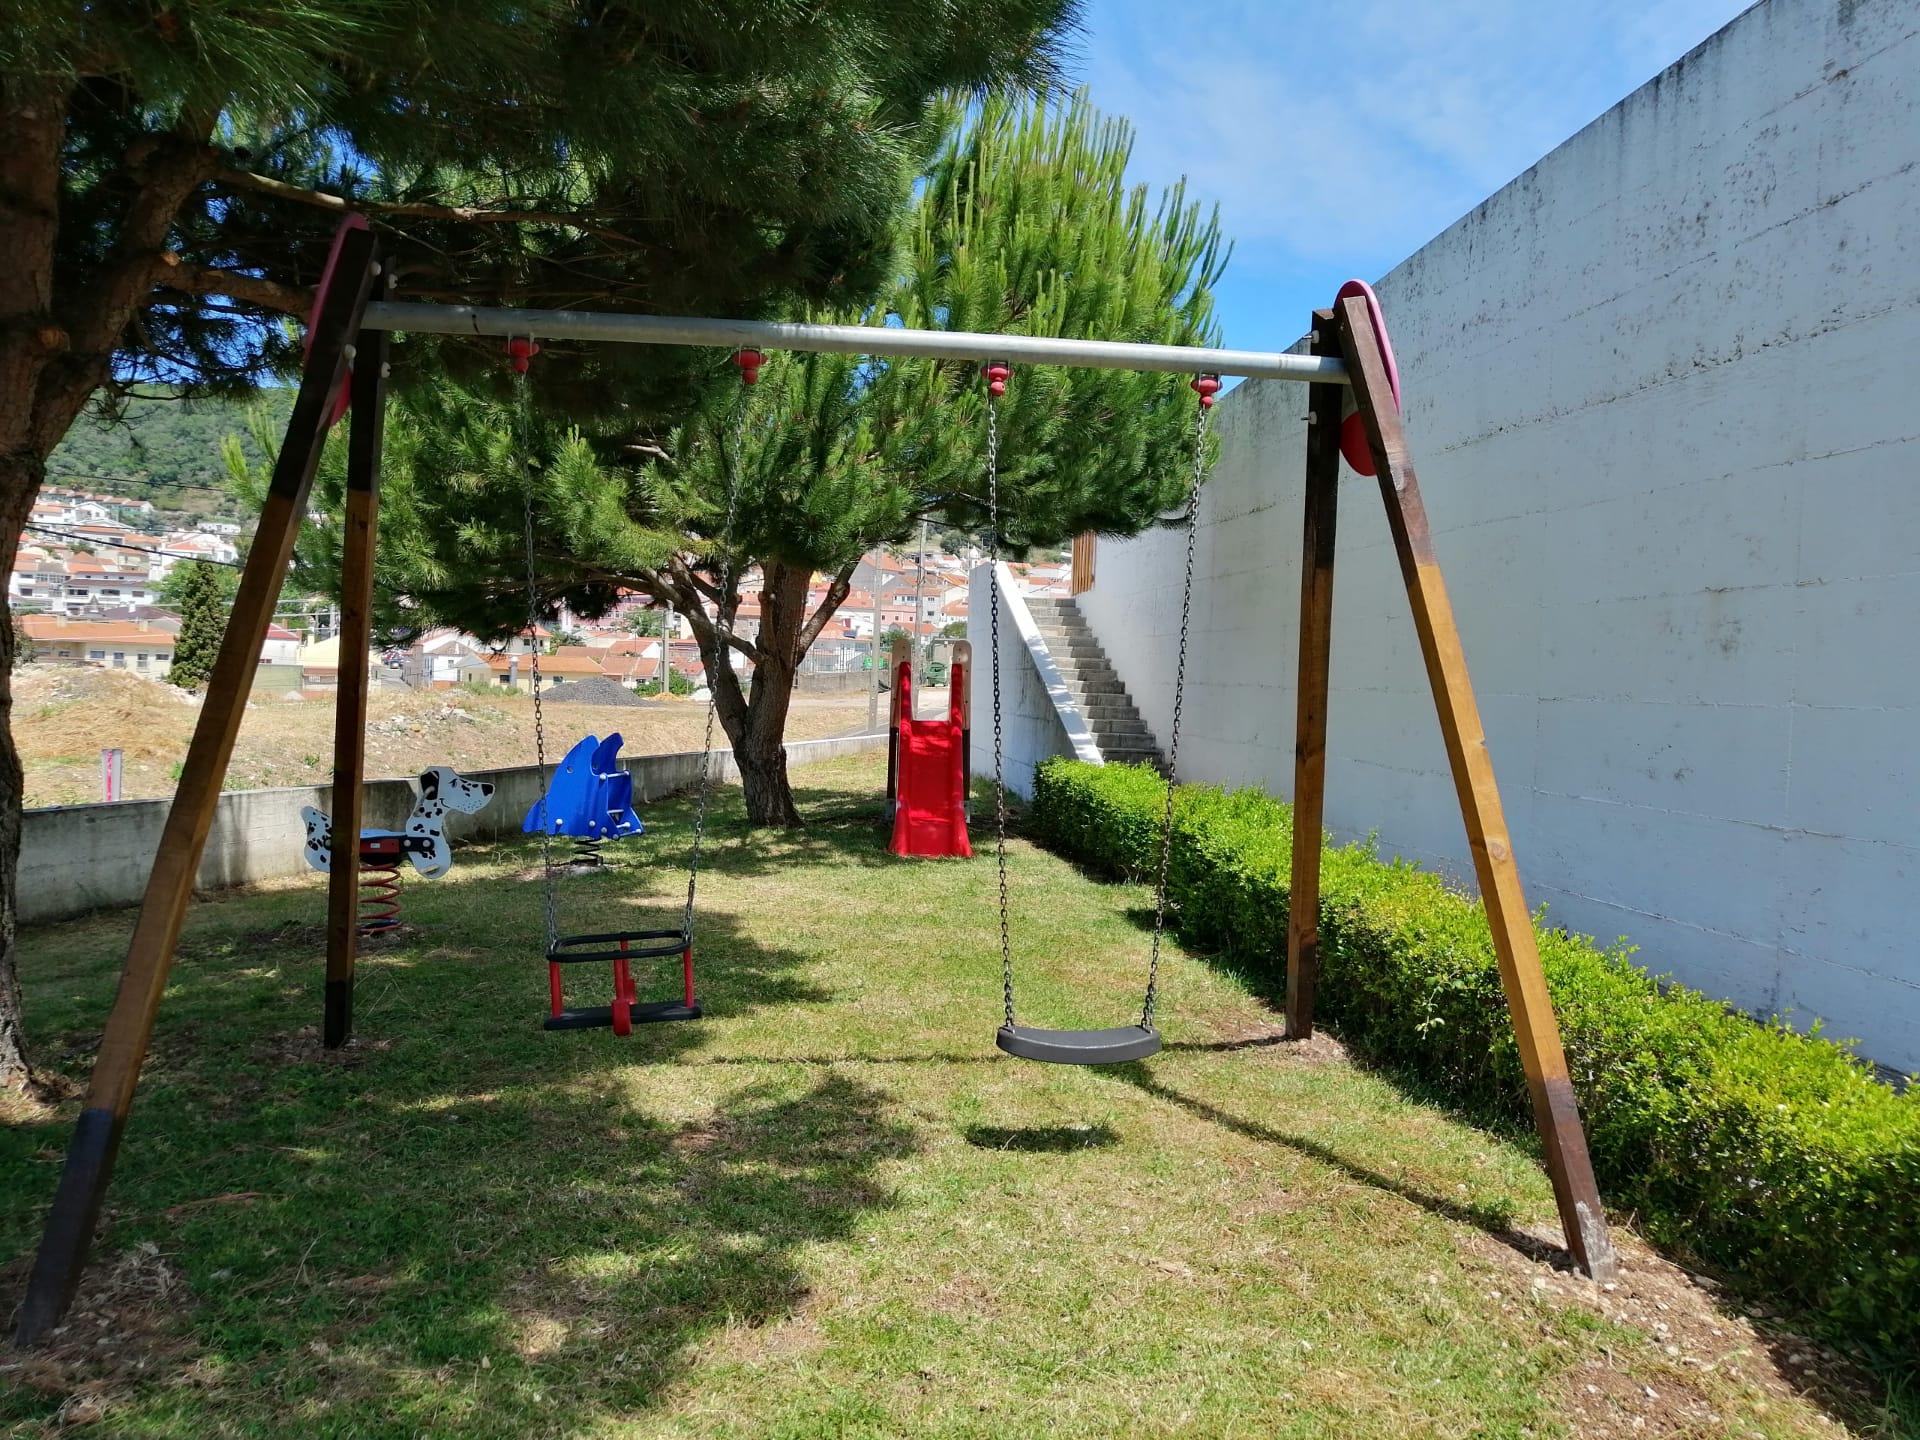 Associação Humanitária de Bombeiros Voluntários de Fanhões – O Corpo de Bombeiros reabilitou os Equipamentos doados do Parque Infantil de Fanhões e já está ao dispor das crianças que visitam o Quartel Operacional!